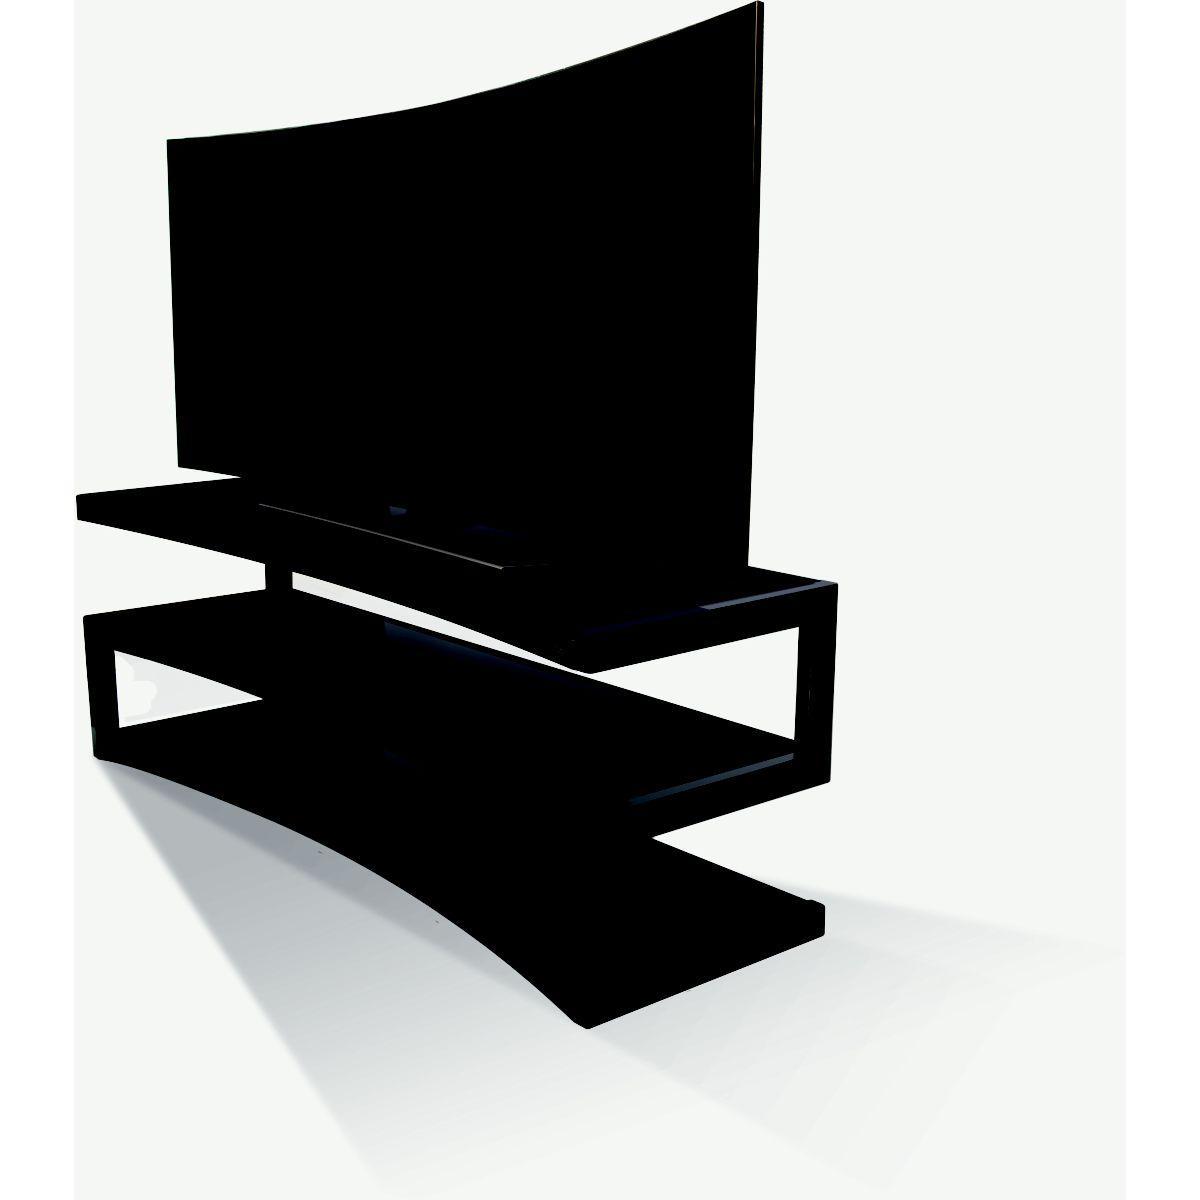 Meuble norstone esse curve noir laque/noir 1.5m 32-60p (photo)